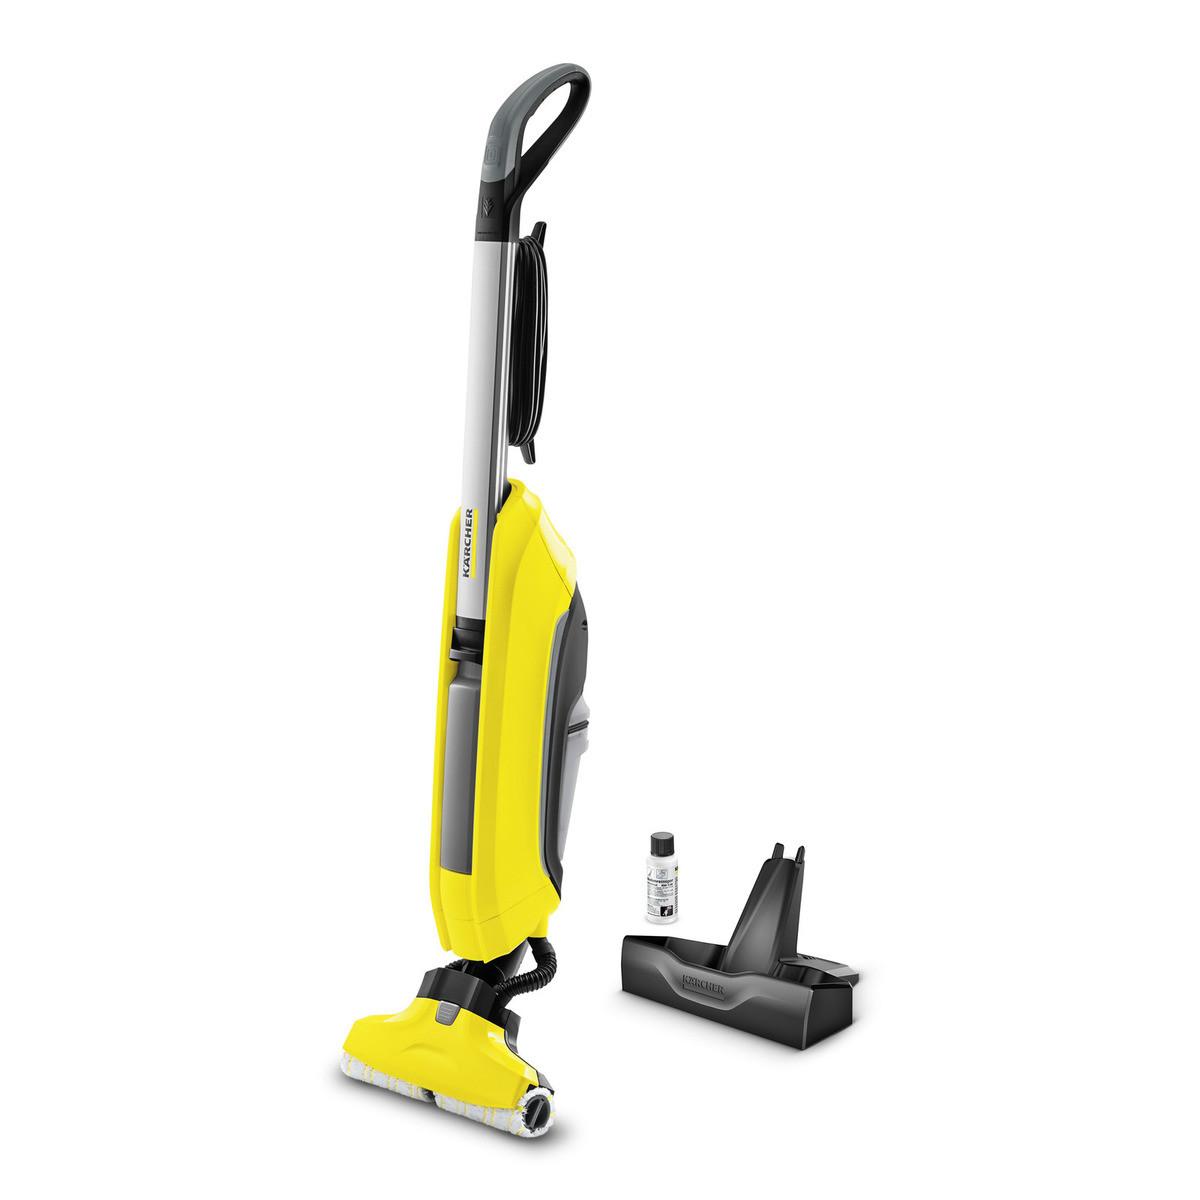 Аппарат для влажной уборки пола FC 5 KARCHER (Поломойная машина для дома)